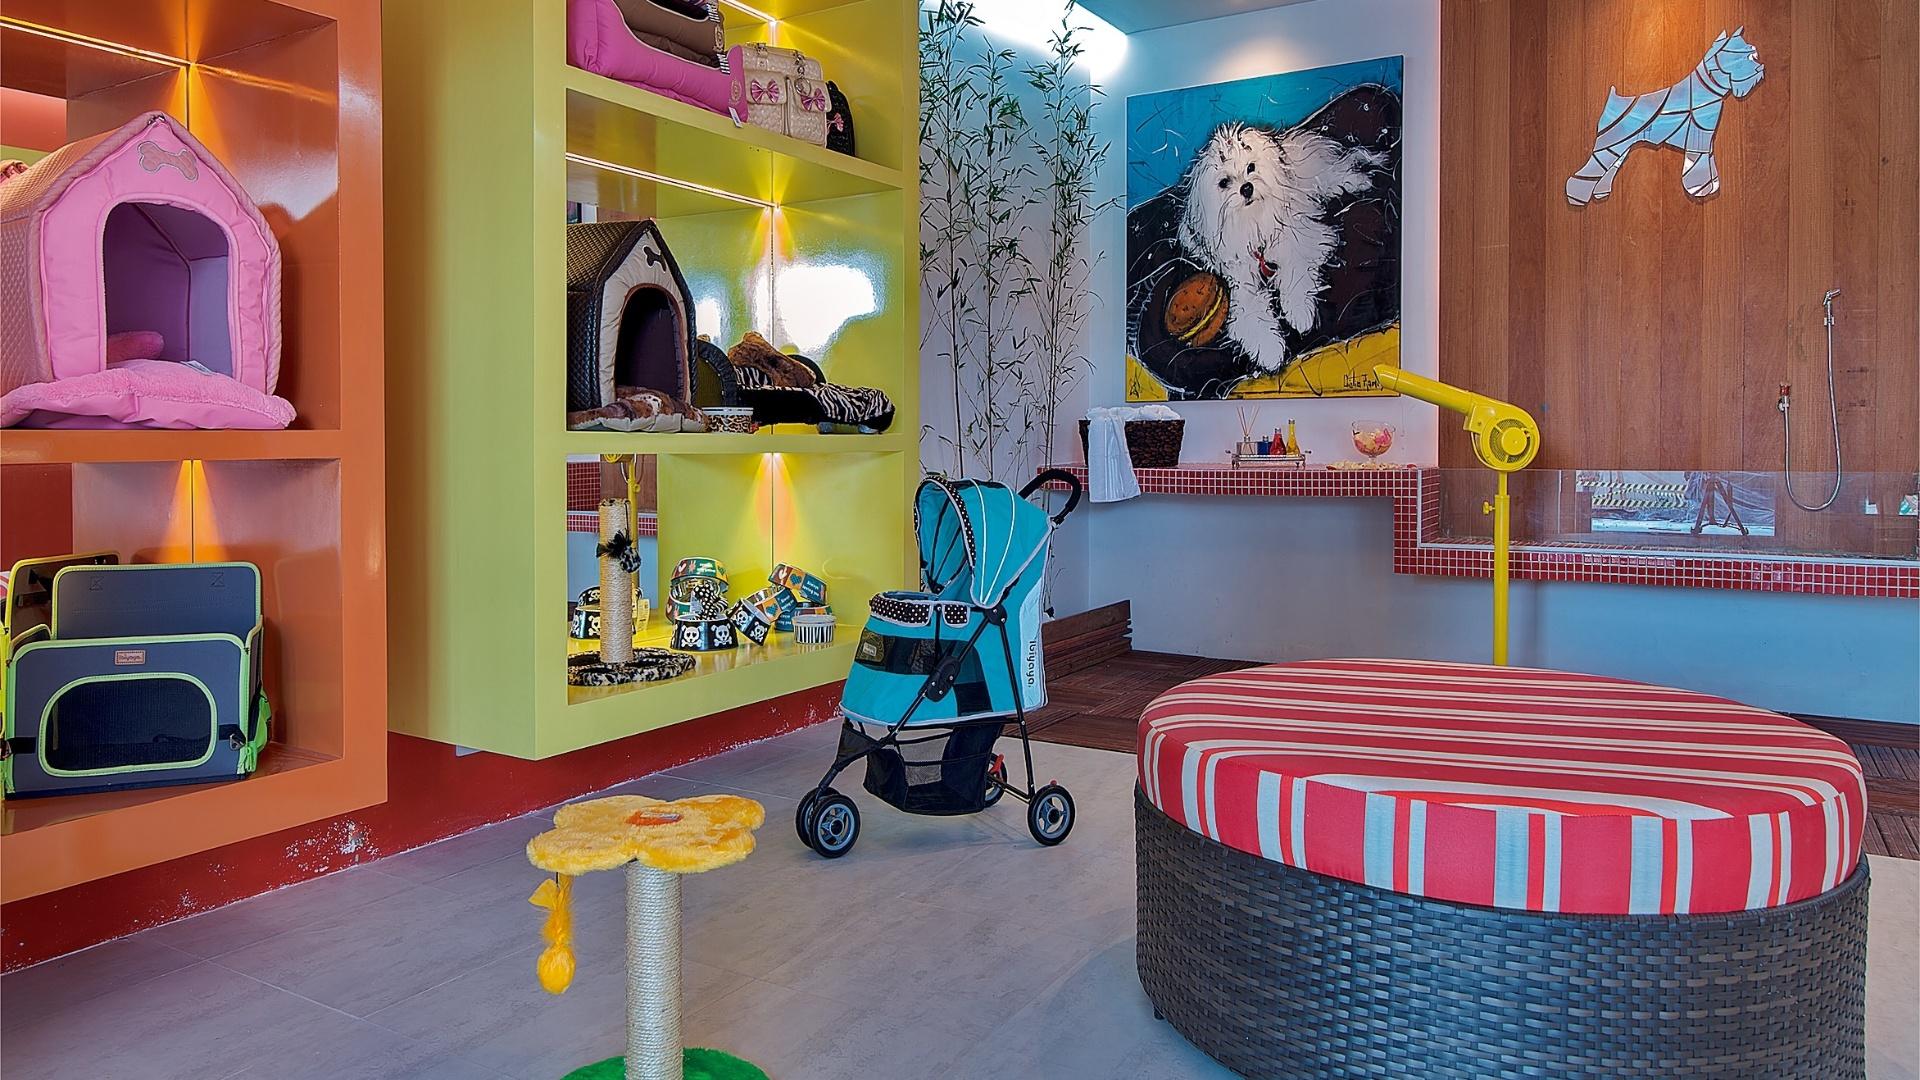 Pet Shop criado por Gustavo e Simone Martins. A Casa Cor Pará, edição 2012, segue em cartaz até dia 25 de novembro. A mostra tem lugar na Av. Conselheiro Furtado, 100, em Belém